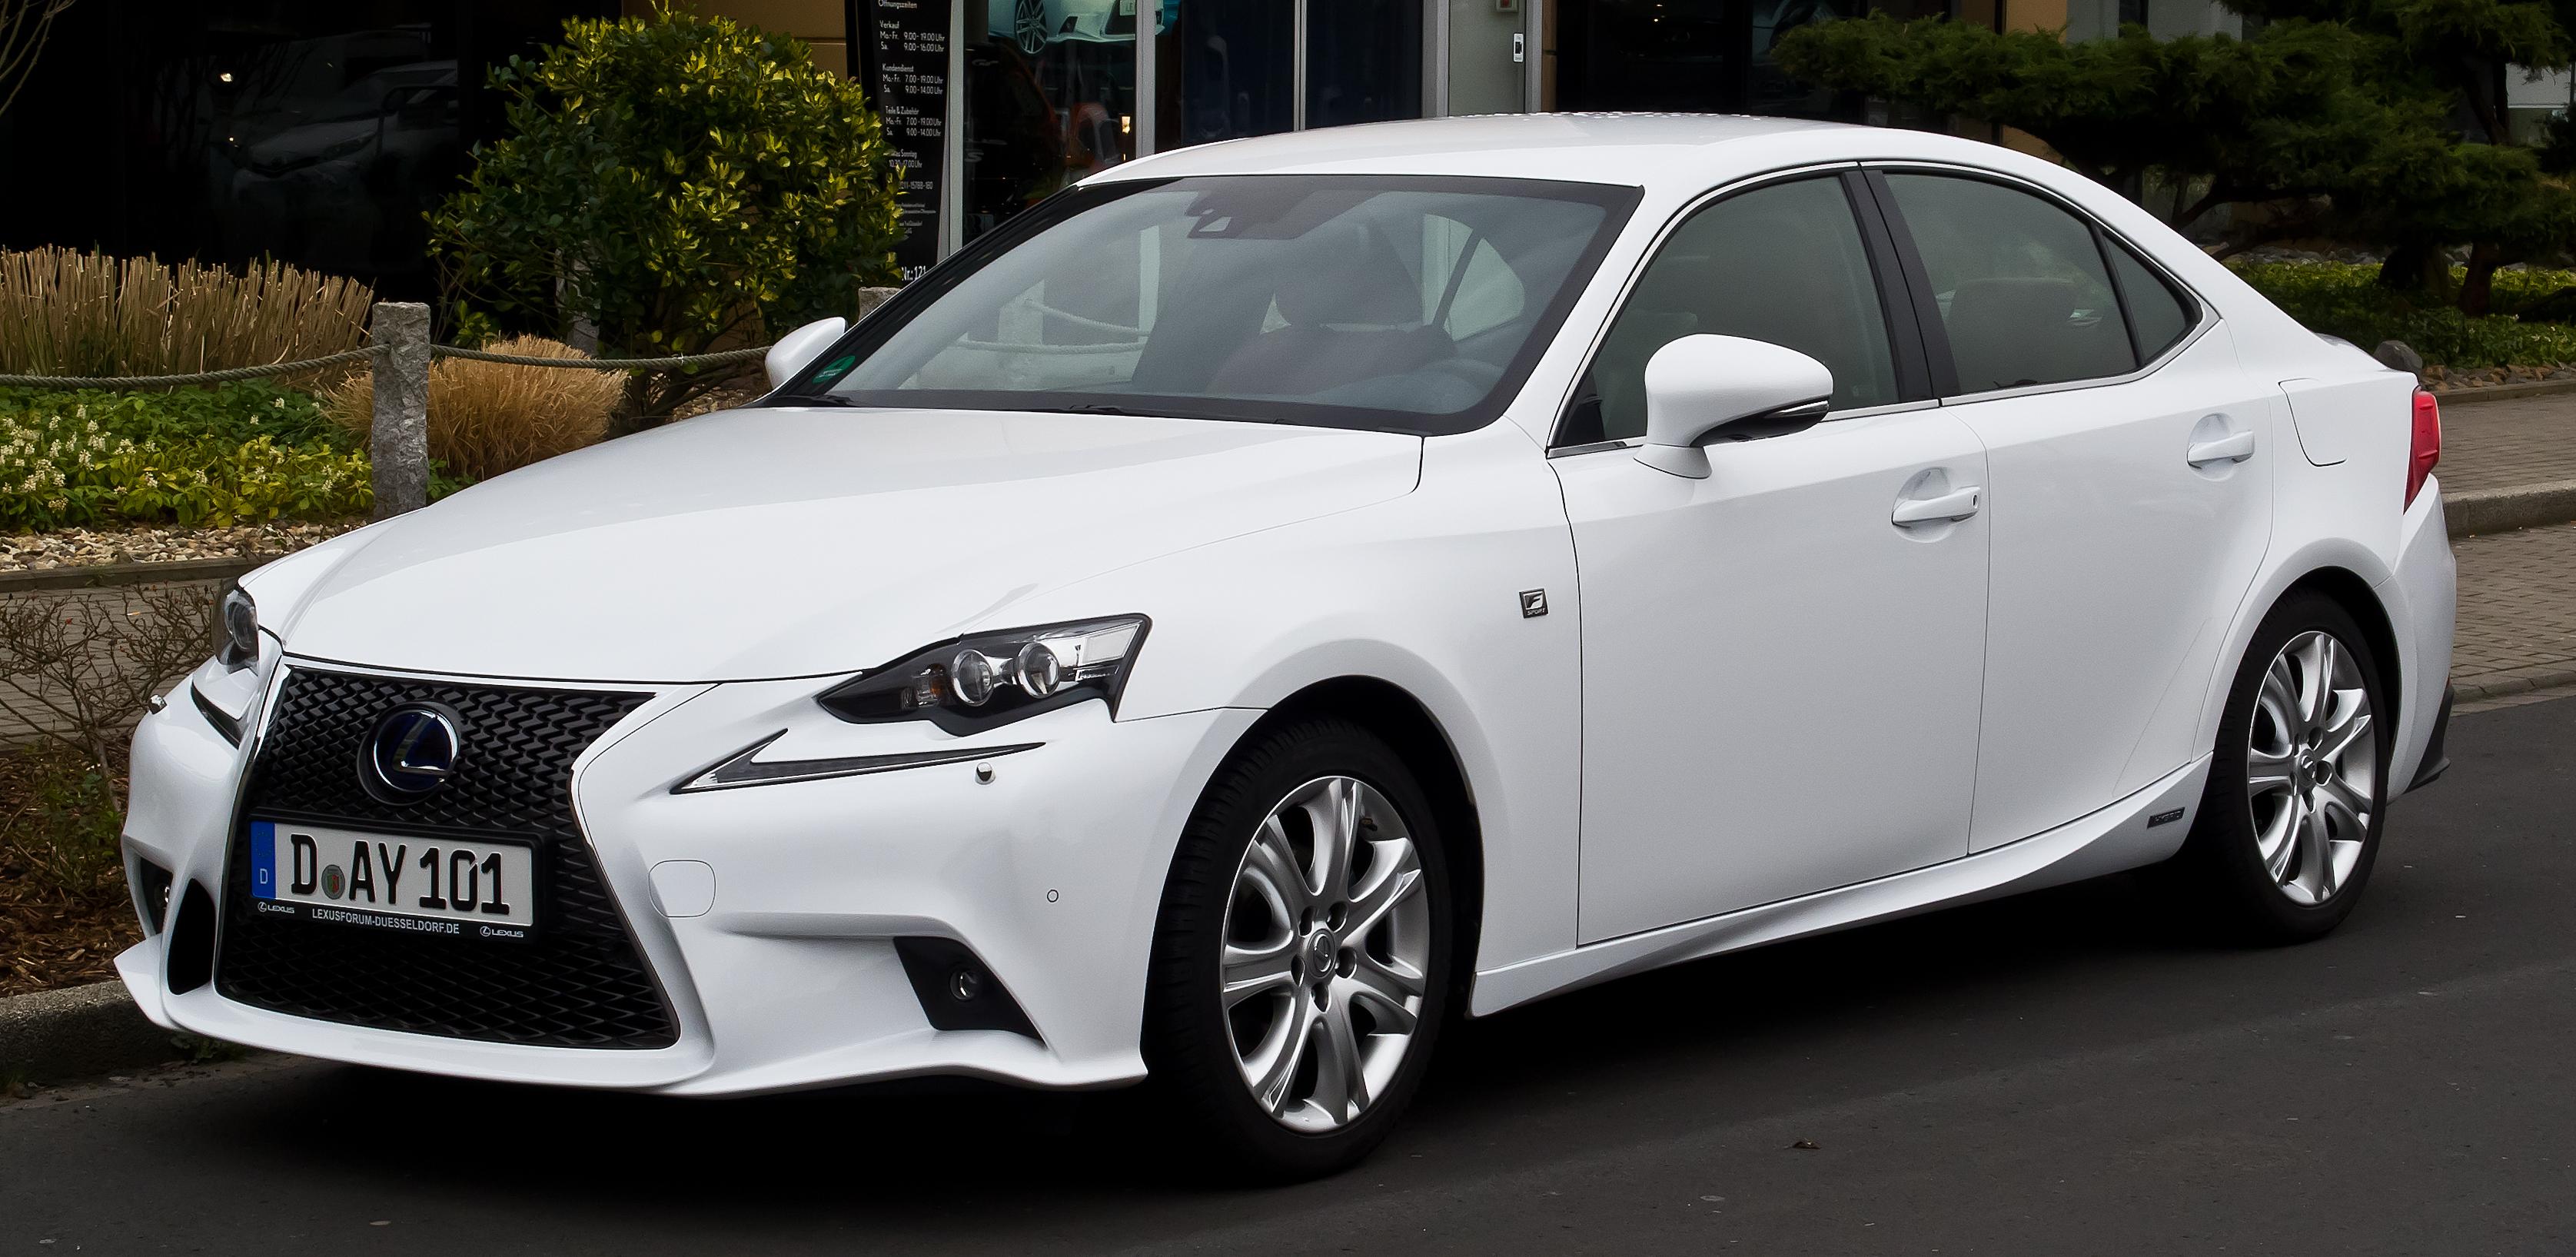 F Car Sales Ponders End